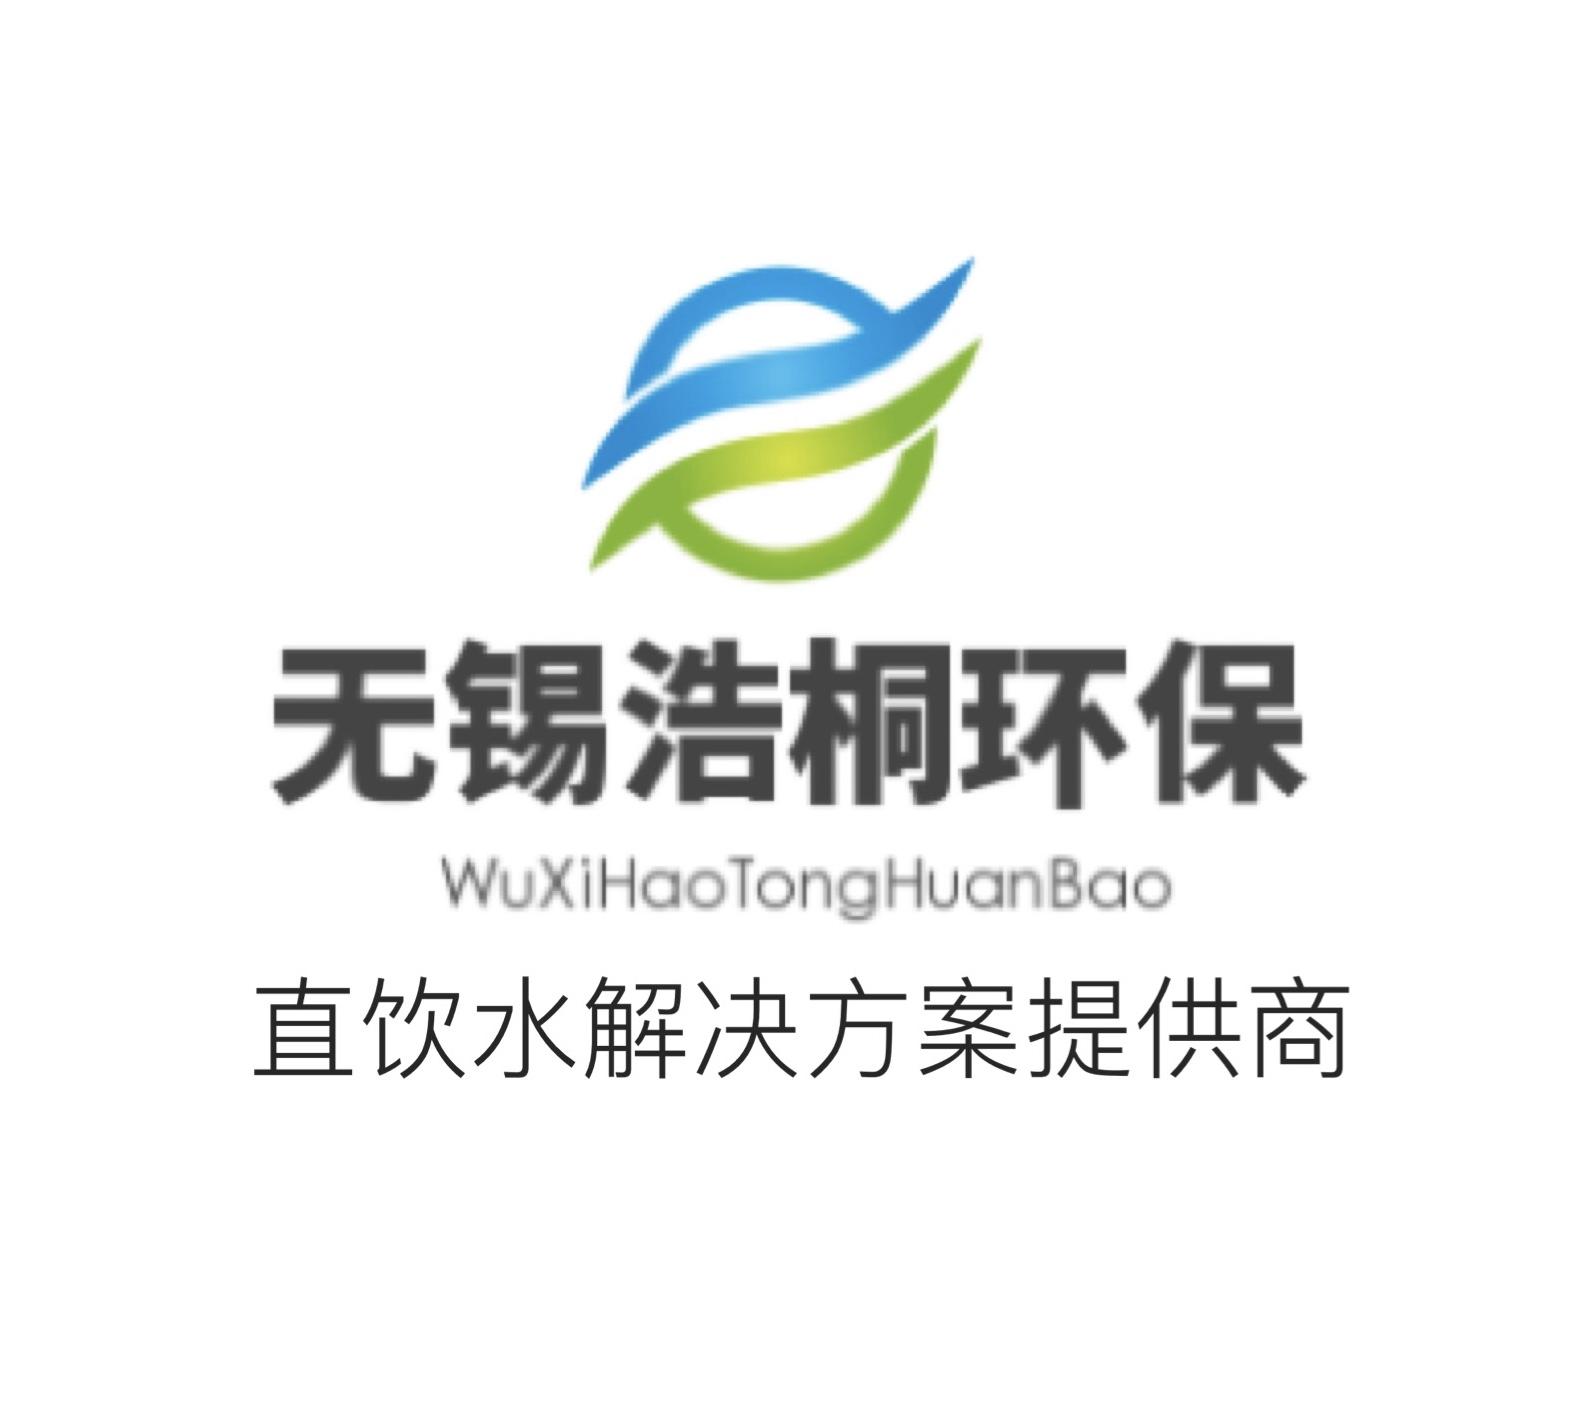 无锡浩桐环保科技发展有限公司